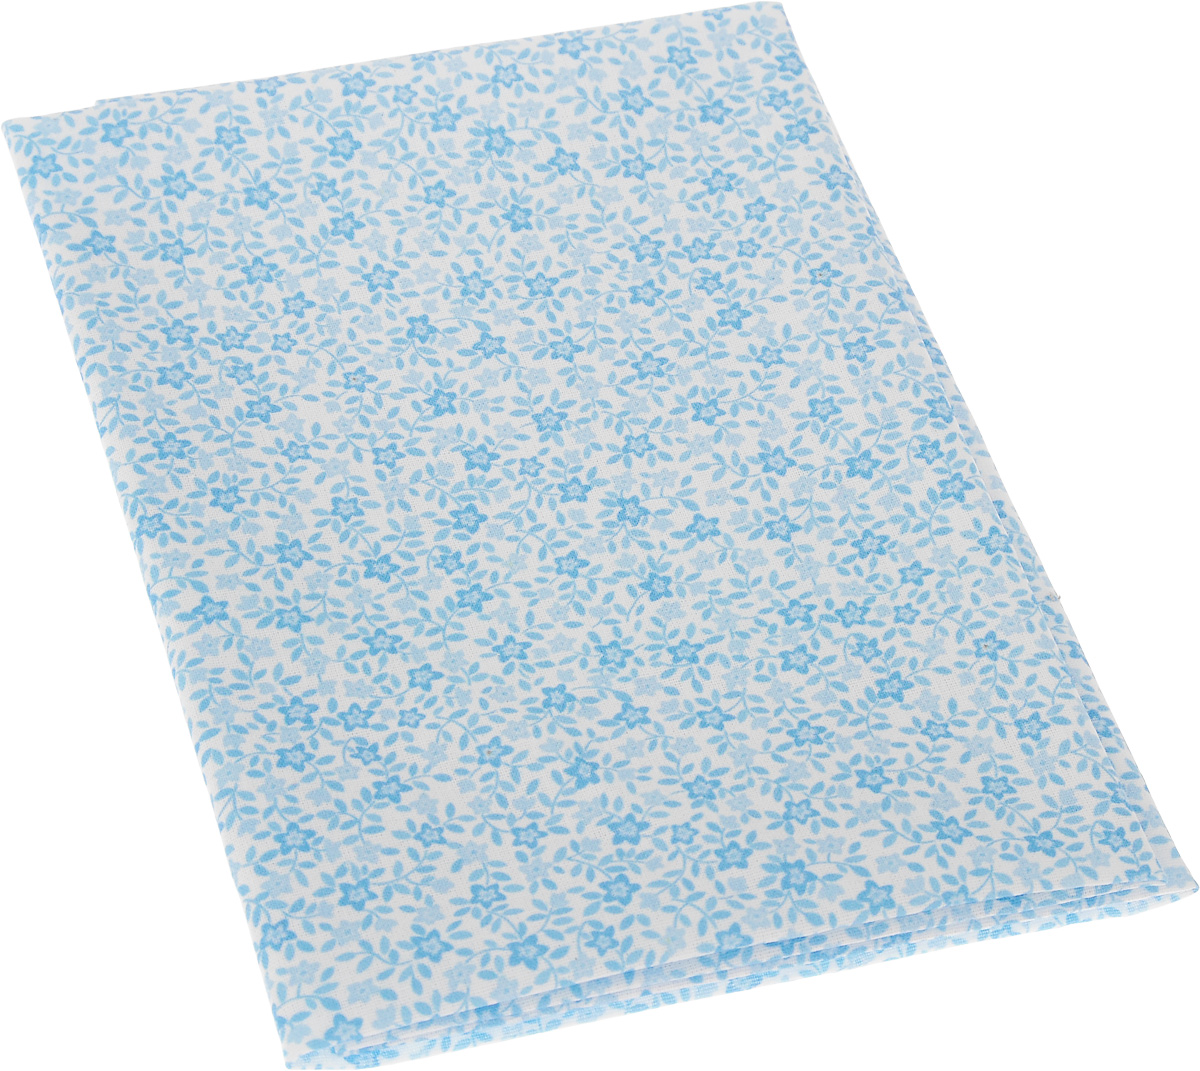 """Ткань Артмикс """"Яркие цветочки"""",  изготовленная из 100% хлопка, предназначена для  пошива одеял, покрывал, сумок, аппликаций и  прочих изделий в технике пэчворк. Также подходит  для пошива кукол,  аксессуаров и одежды.   Пэчворк - это вид рукоделия, при котором по  принципу мозаики сшивается  цельное изделие из кусочков ткани (лоскутков).   Плотность ткани: 120 г/м2.  УВАЖАЕМЫЕ КЛИЕНТЫ! Обращаем ваше внимание, на тот факт, что размер  отреза может отличаться на 1-2 см."""